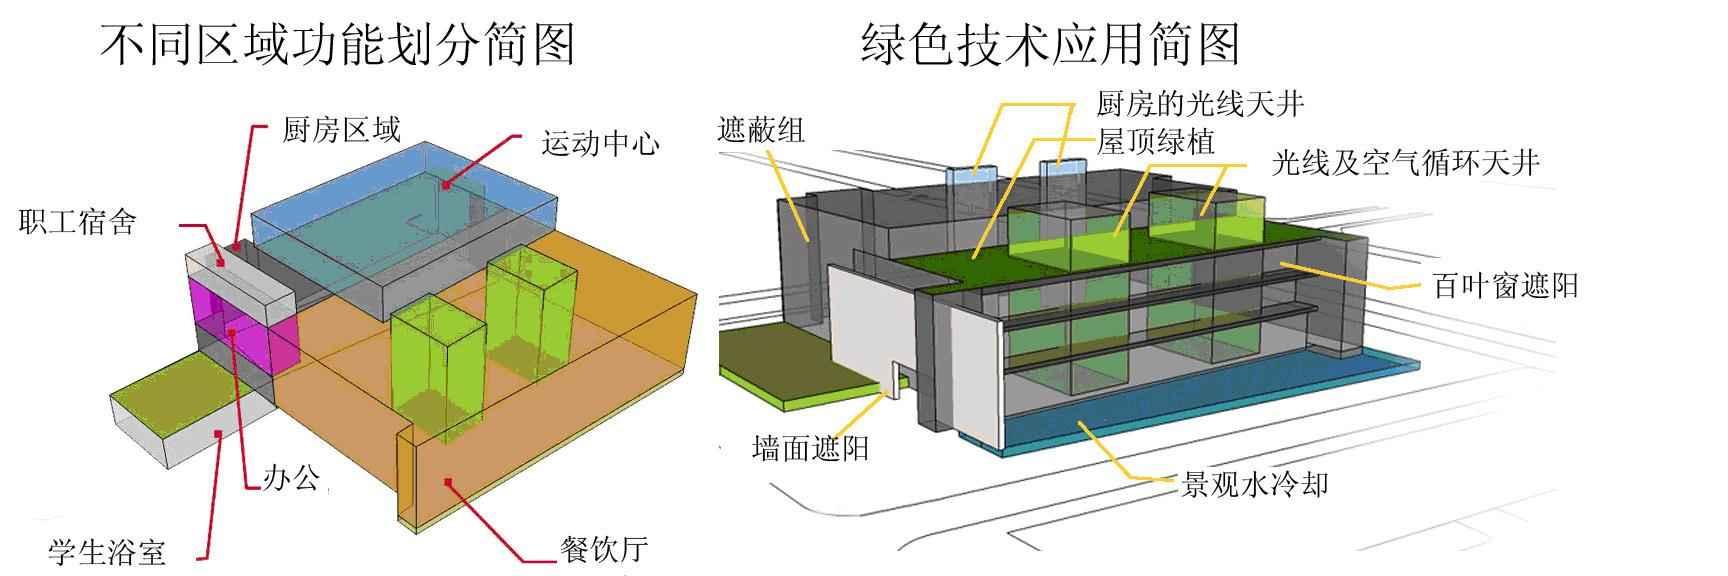 回归自然:绿色建筑设计外部要强调与周边环境